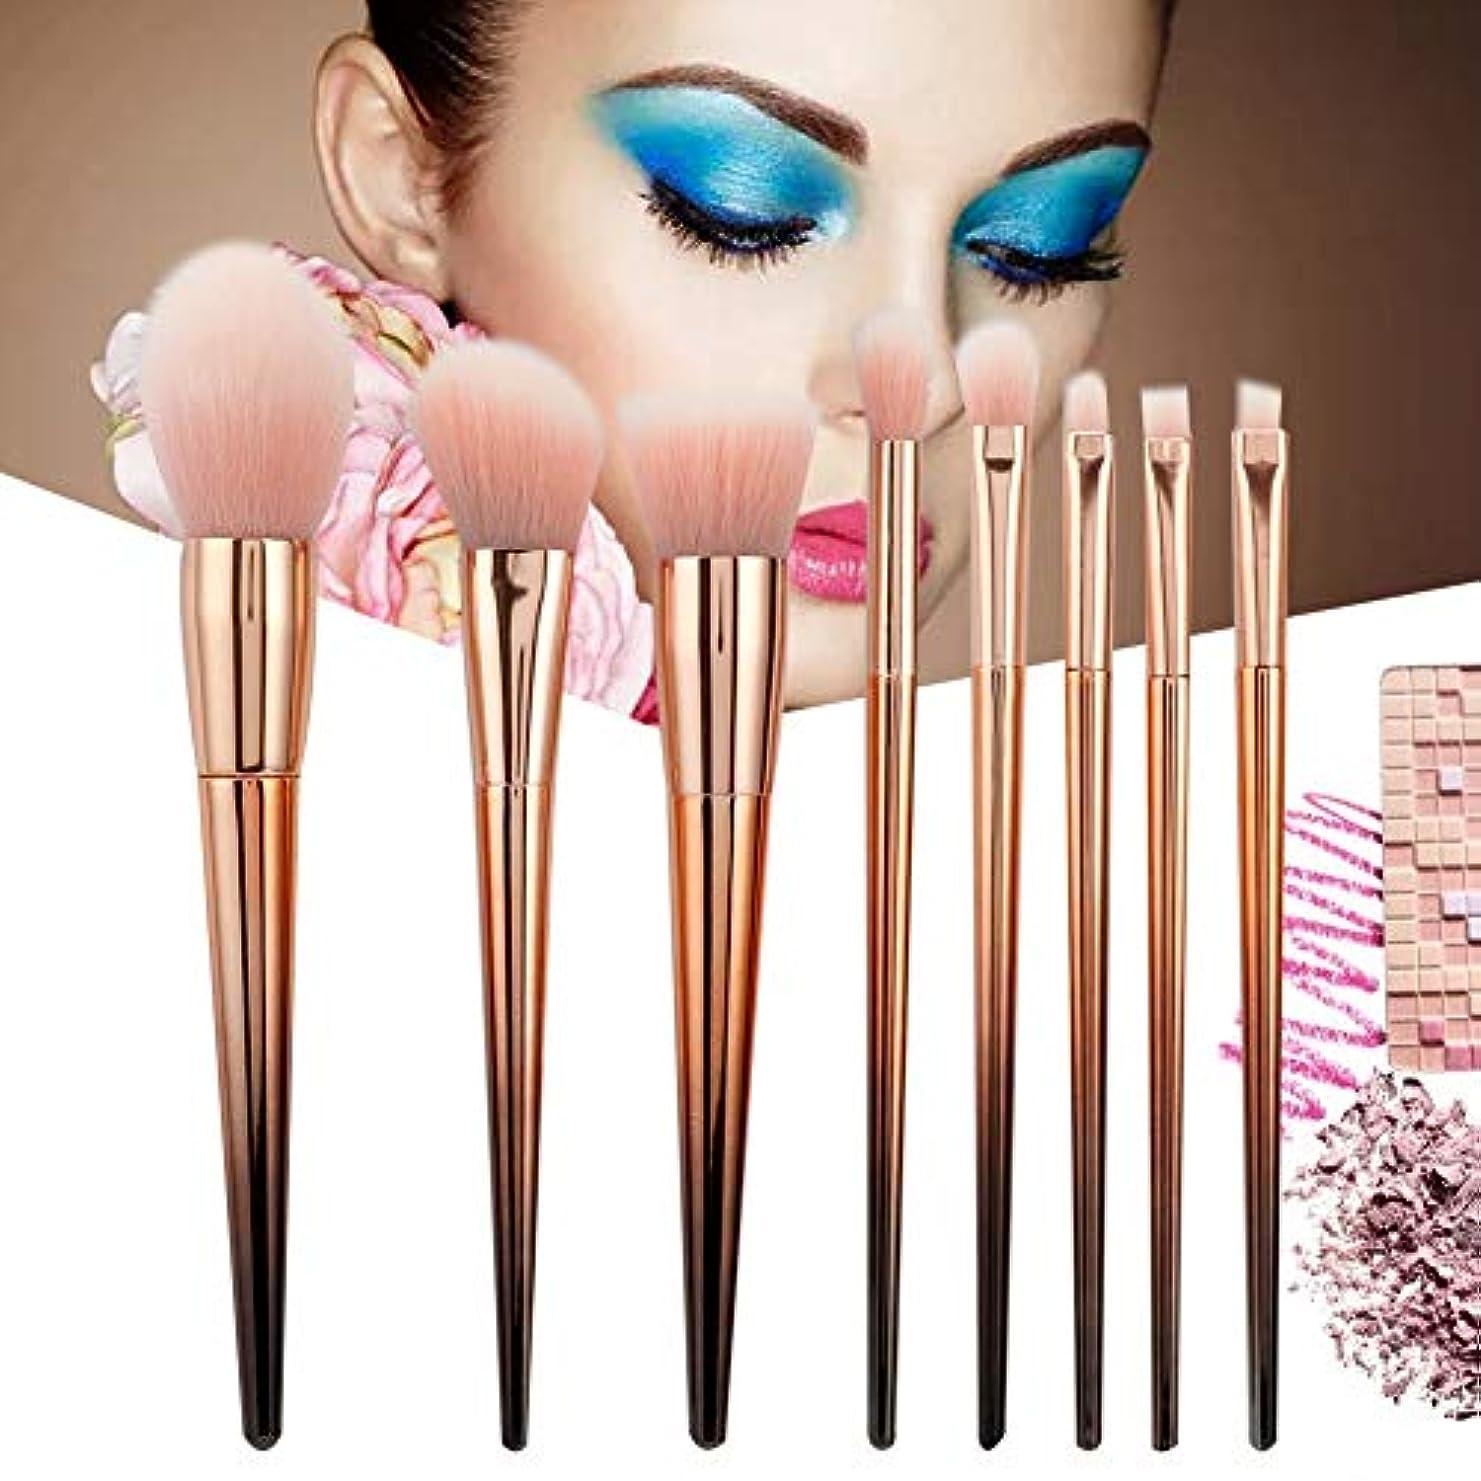 フォーラム女性パスタ化粧ブラシセット、8個電気メッキ化粧ブラシ化粧ブラシセット化粧ブラシキット